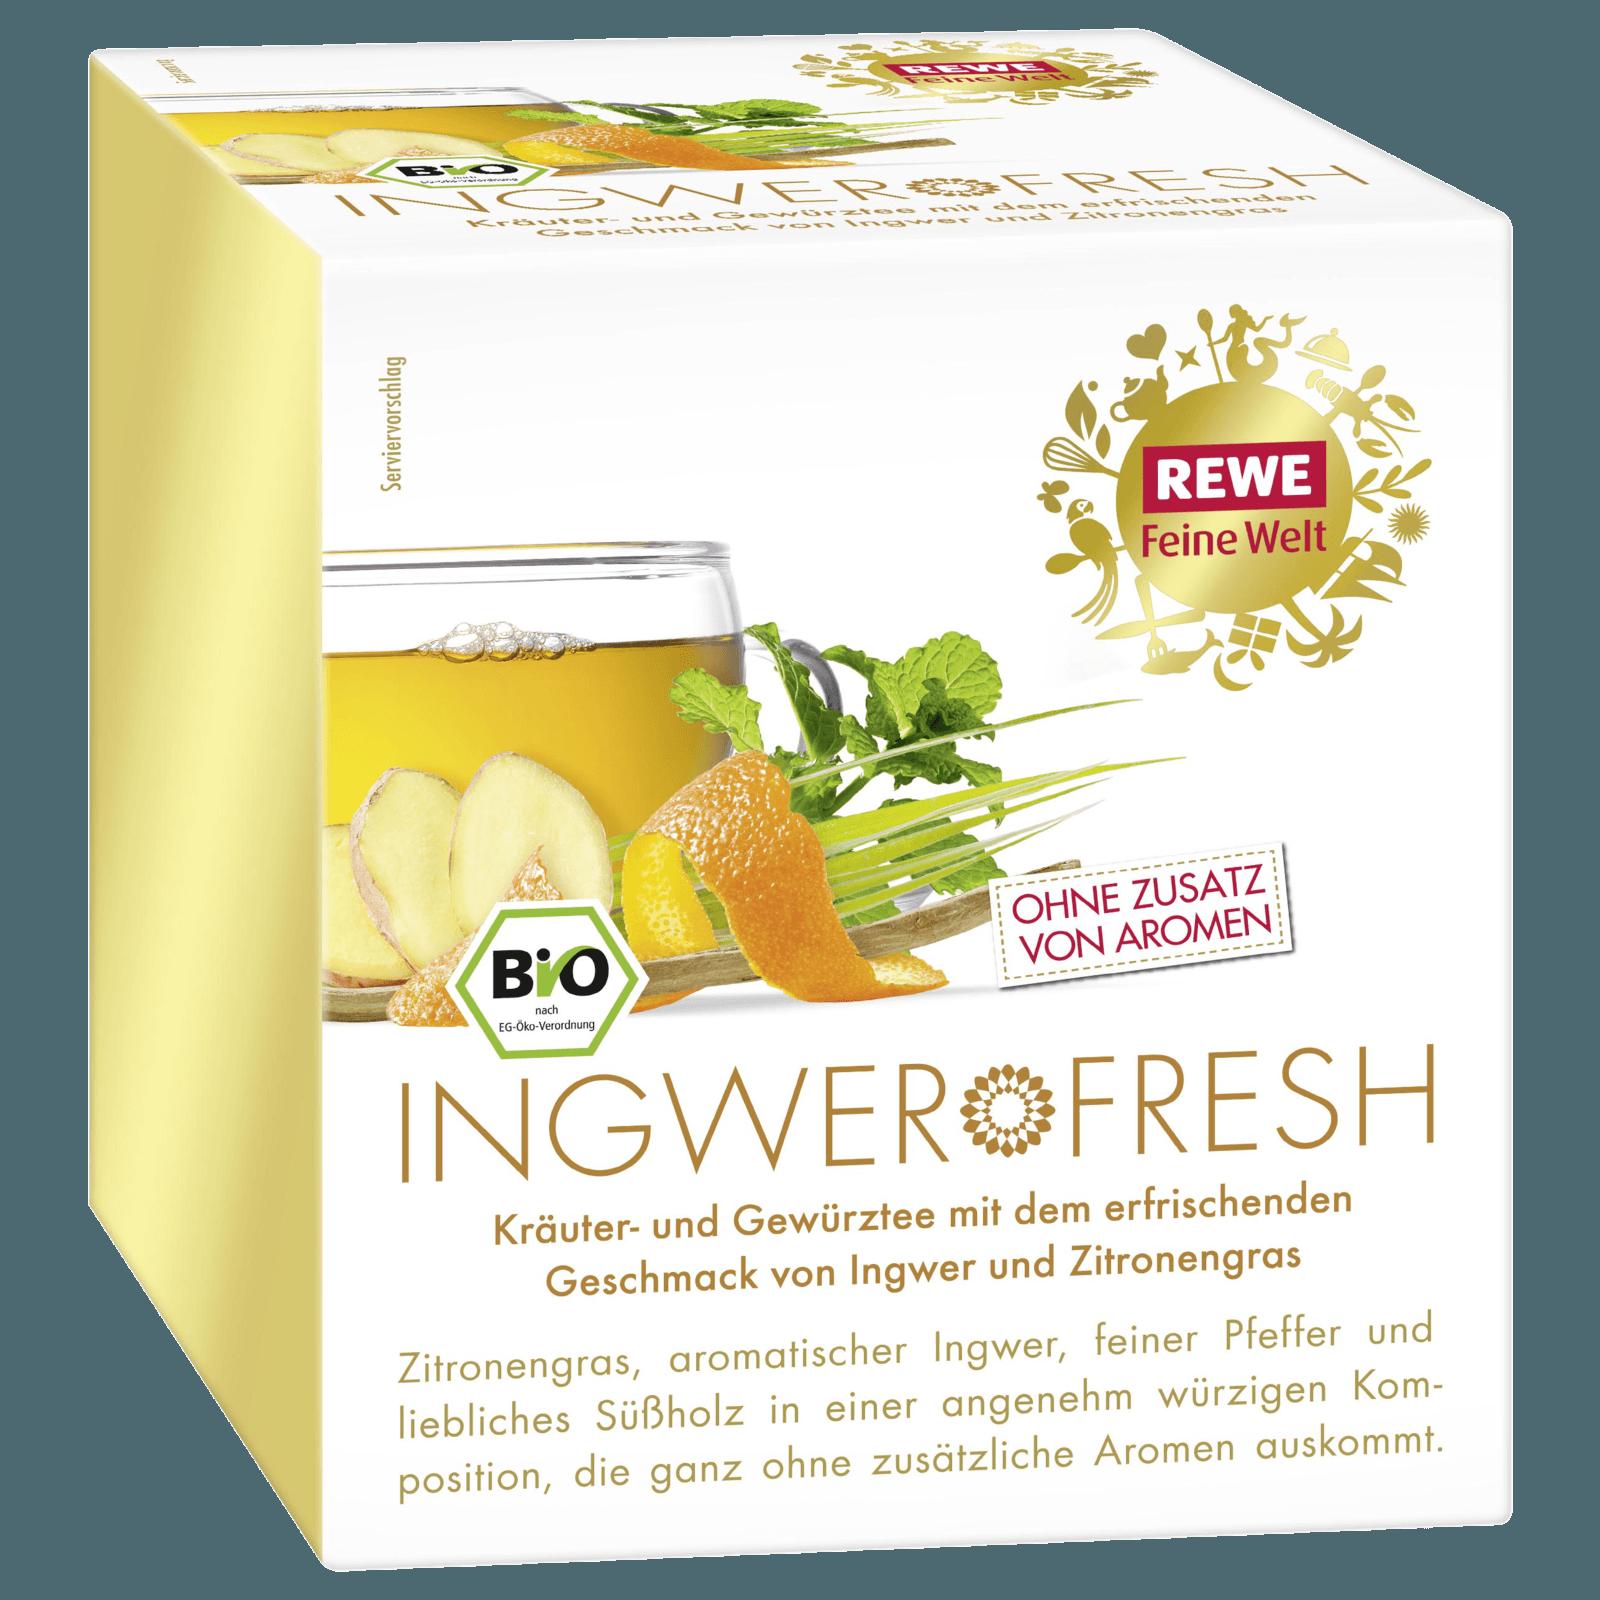 Rewe Feine Welt Gewurztee Ingwer Fresh 45g Bei Rewe Online Bestellen